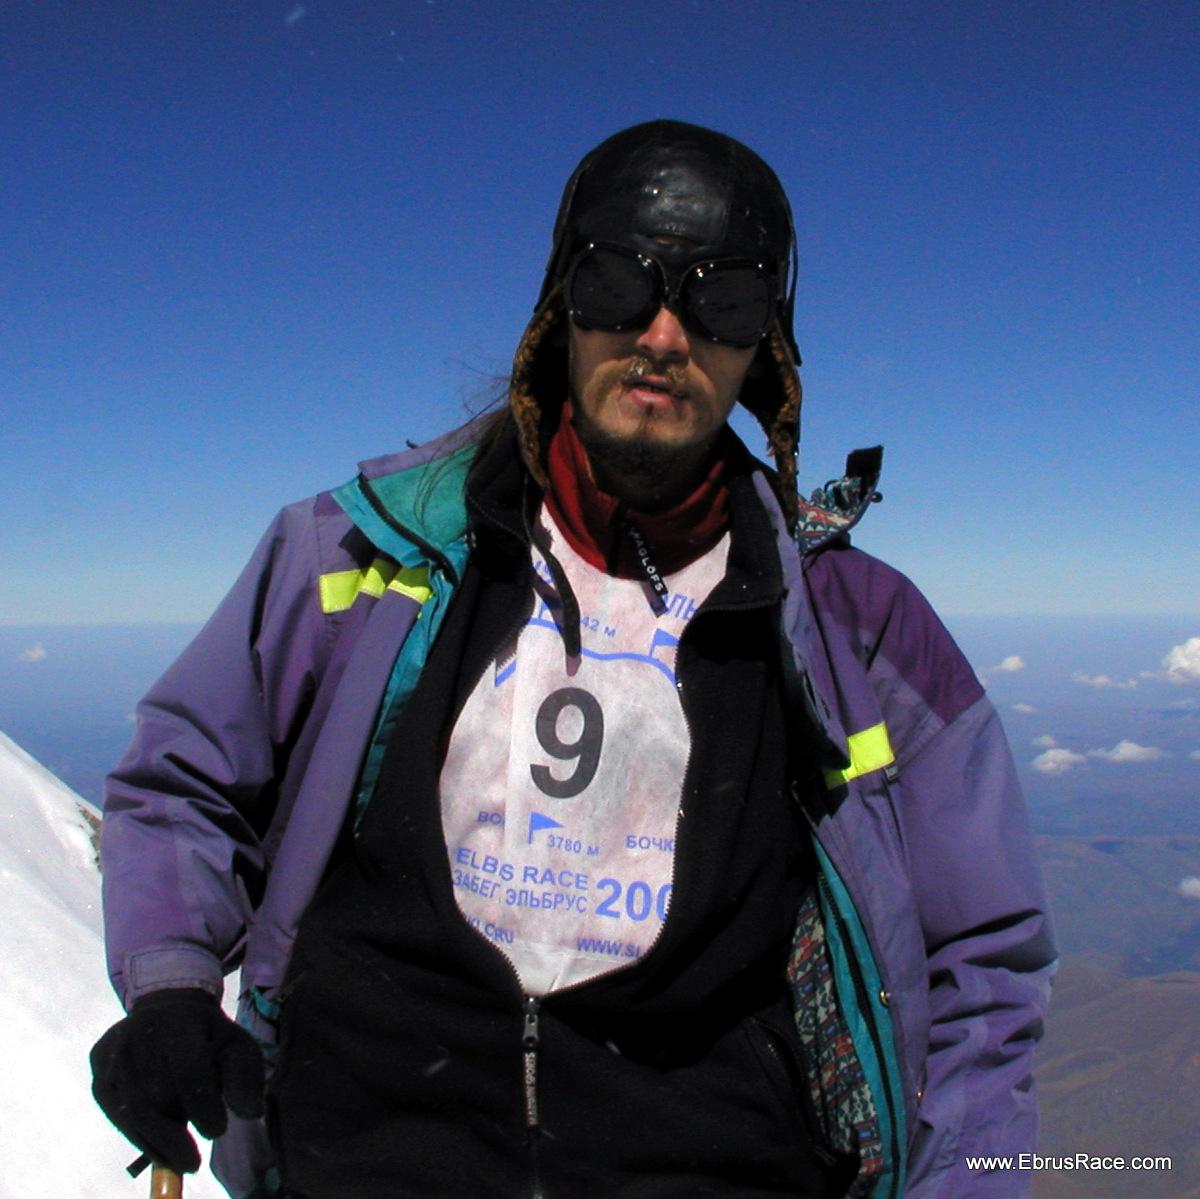 Yf ajnj - Михаил Осипов (Брэд) - первый победитель, первого возобновленного Забега на Эльбрус. 2005 год